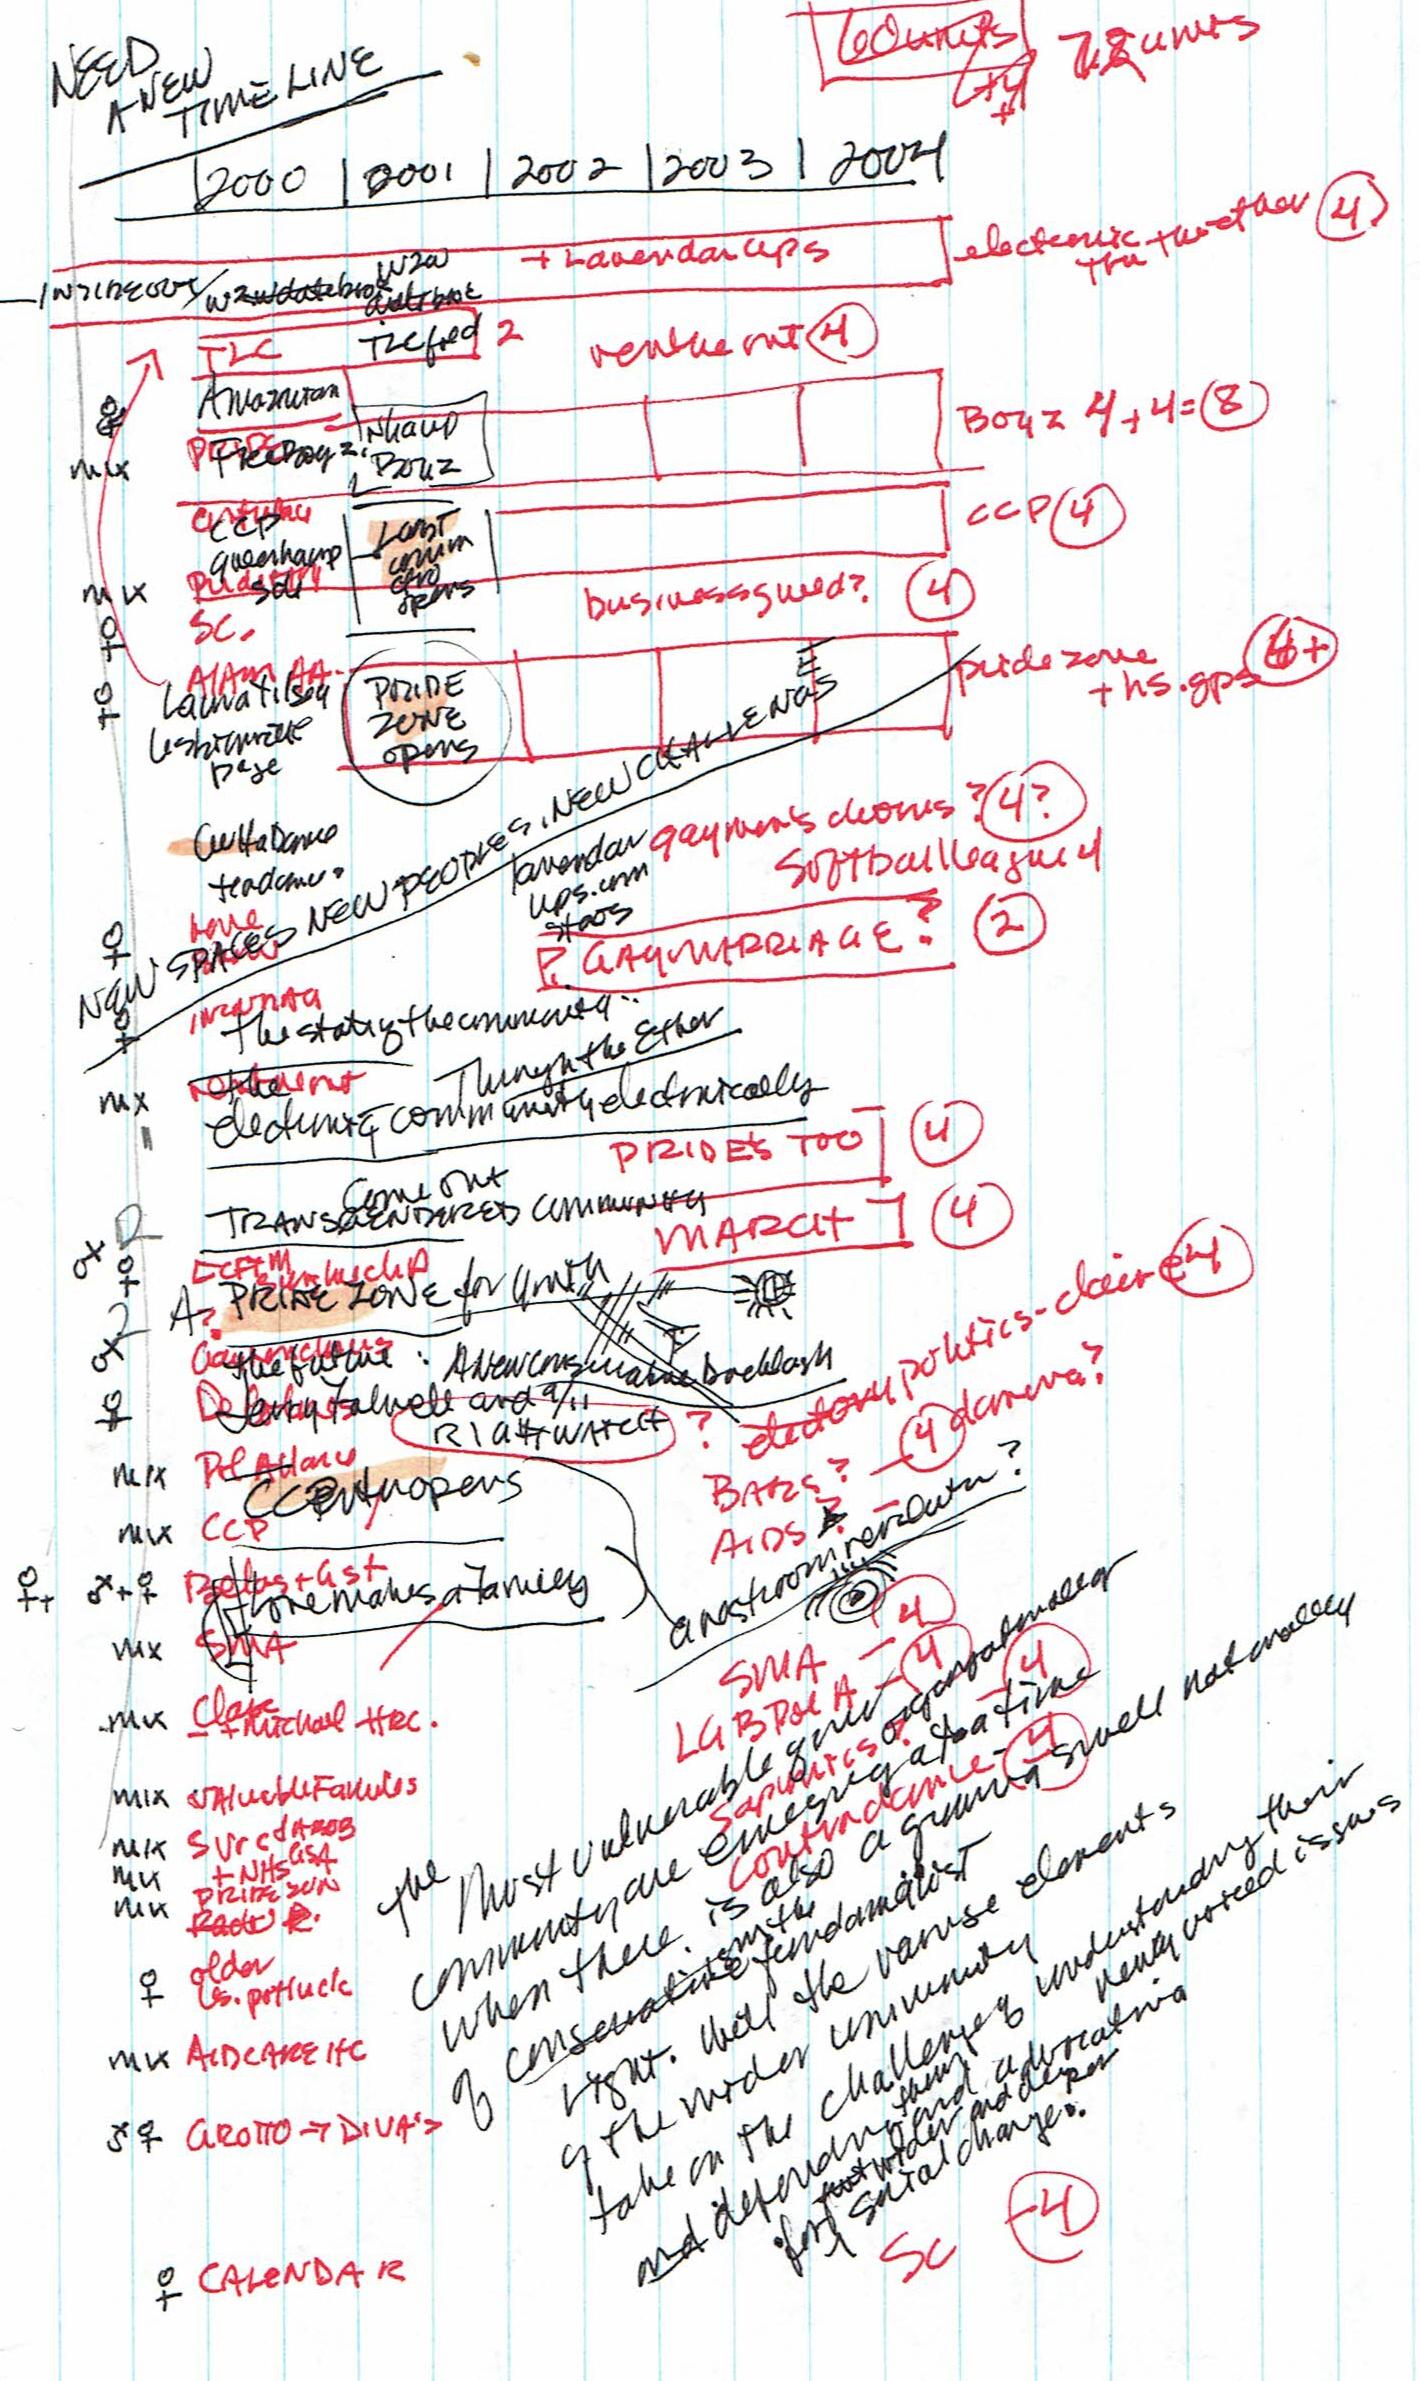 2000s timeline notes